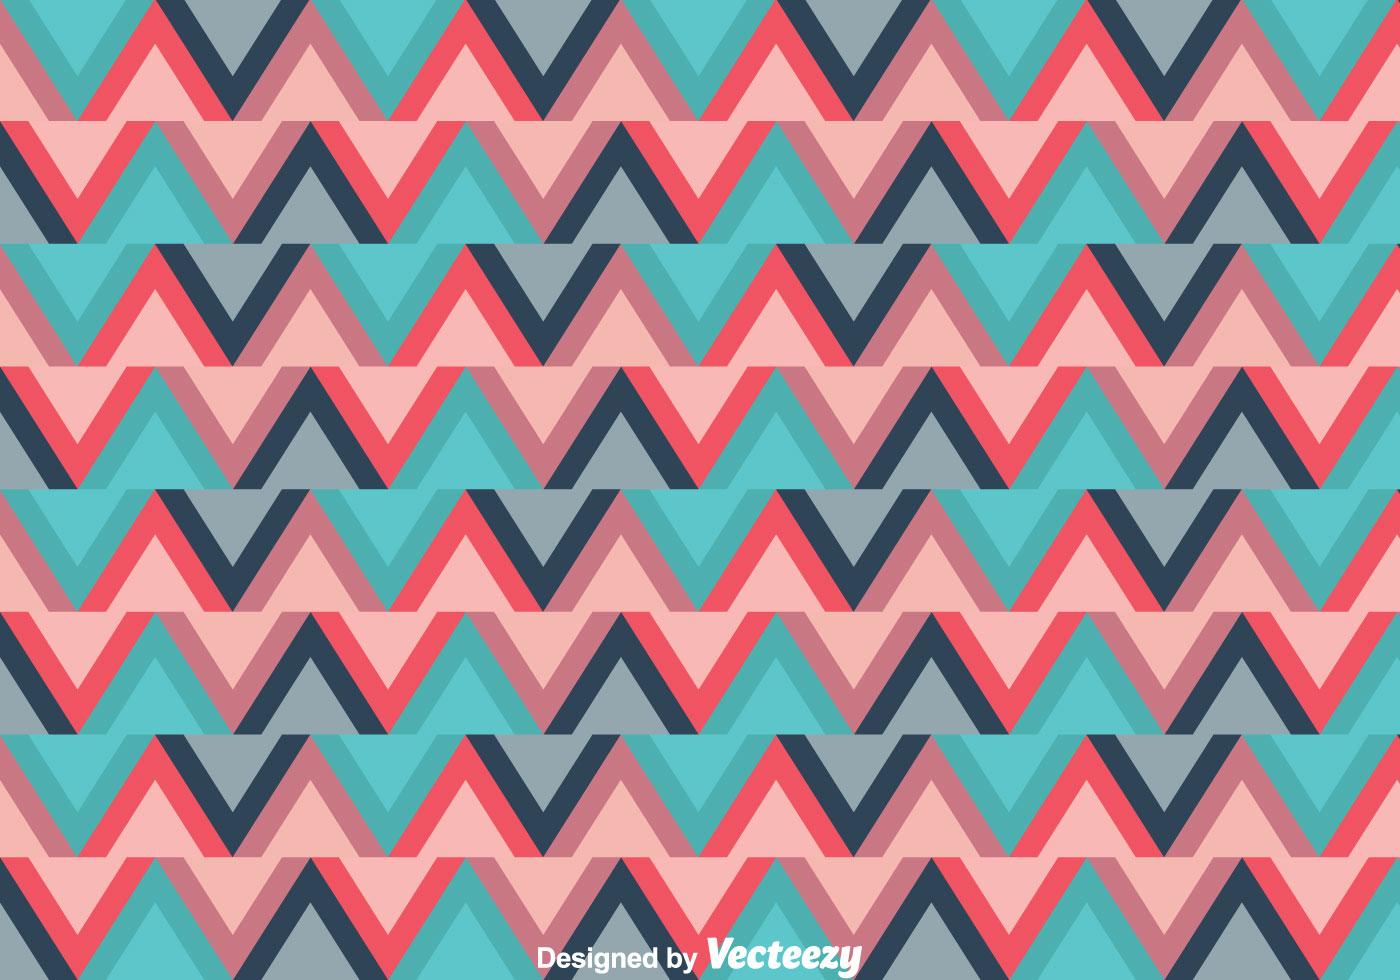 ethnic zig zag background download free vector art